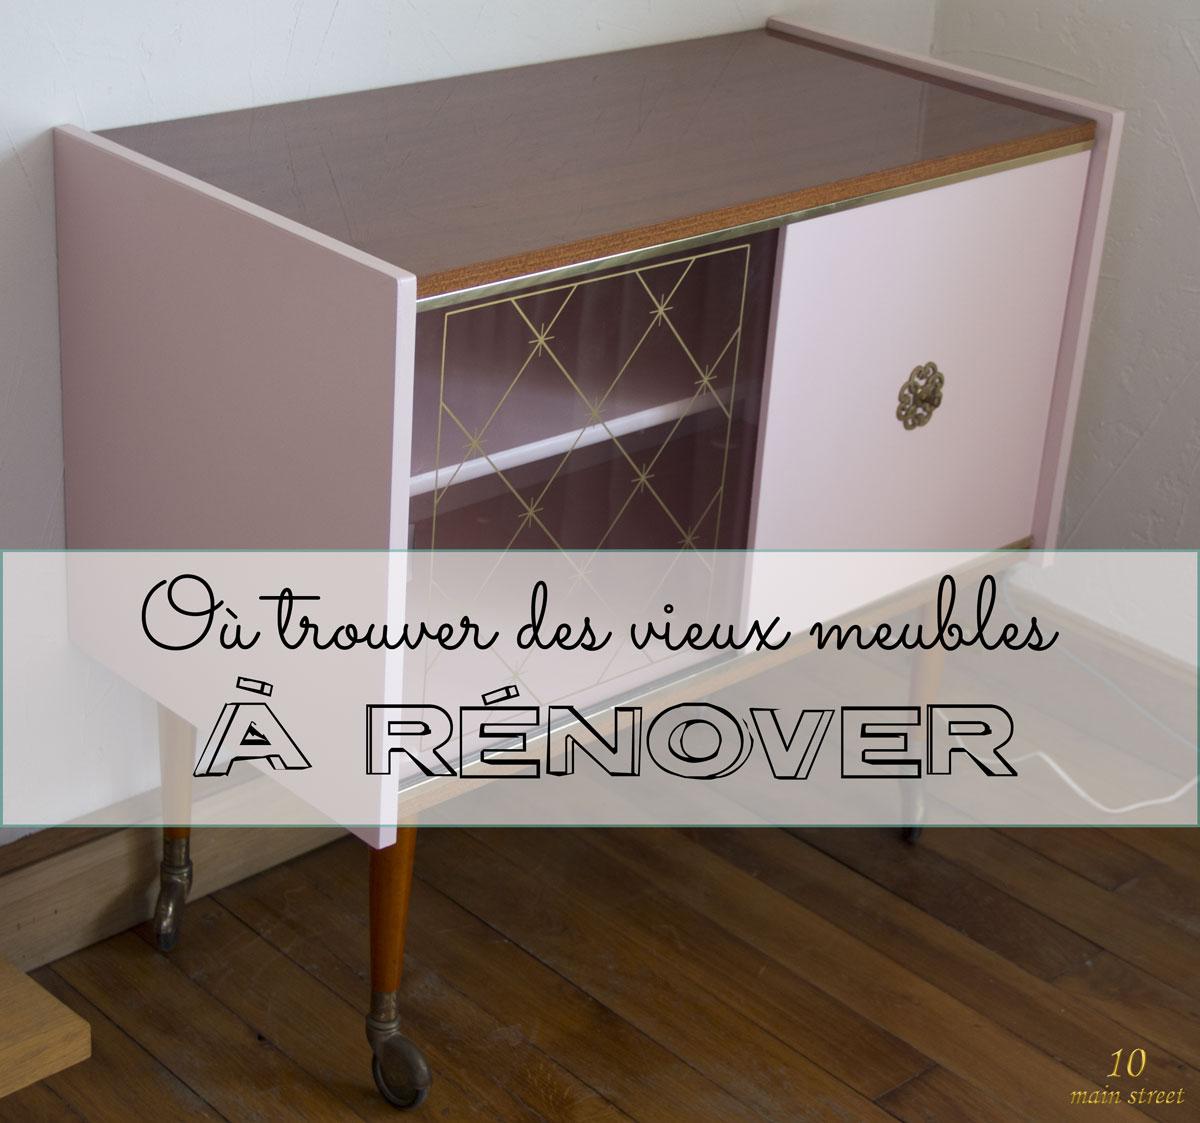 o trouver des vieux meubles r nover pour en faire des tr sors. Black Bedroom Furniture Sets. Home Design Ideas